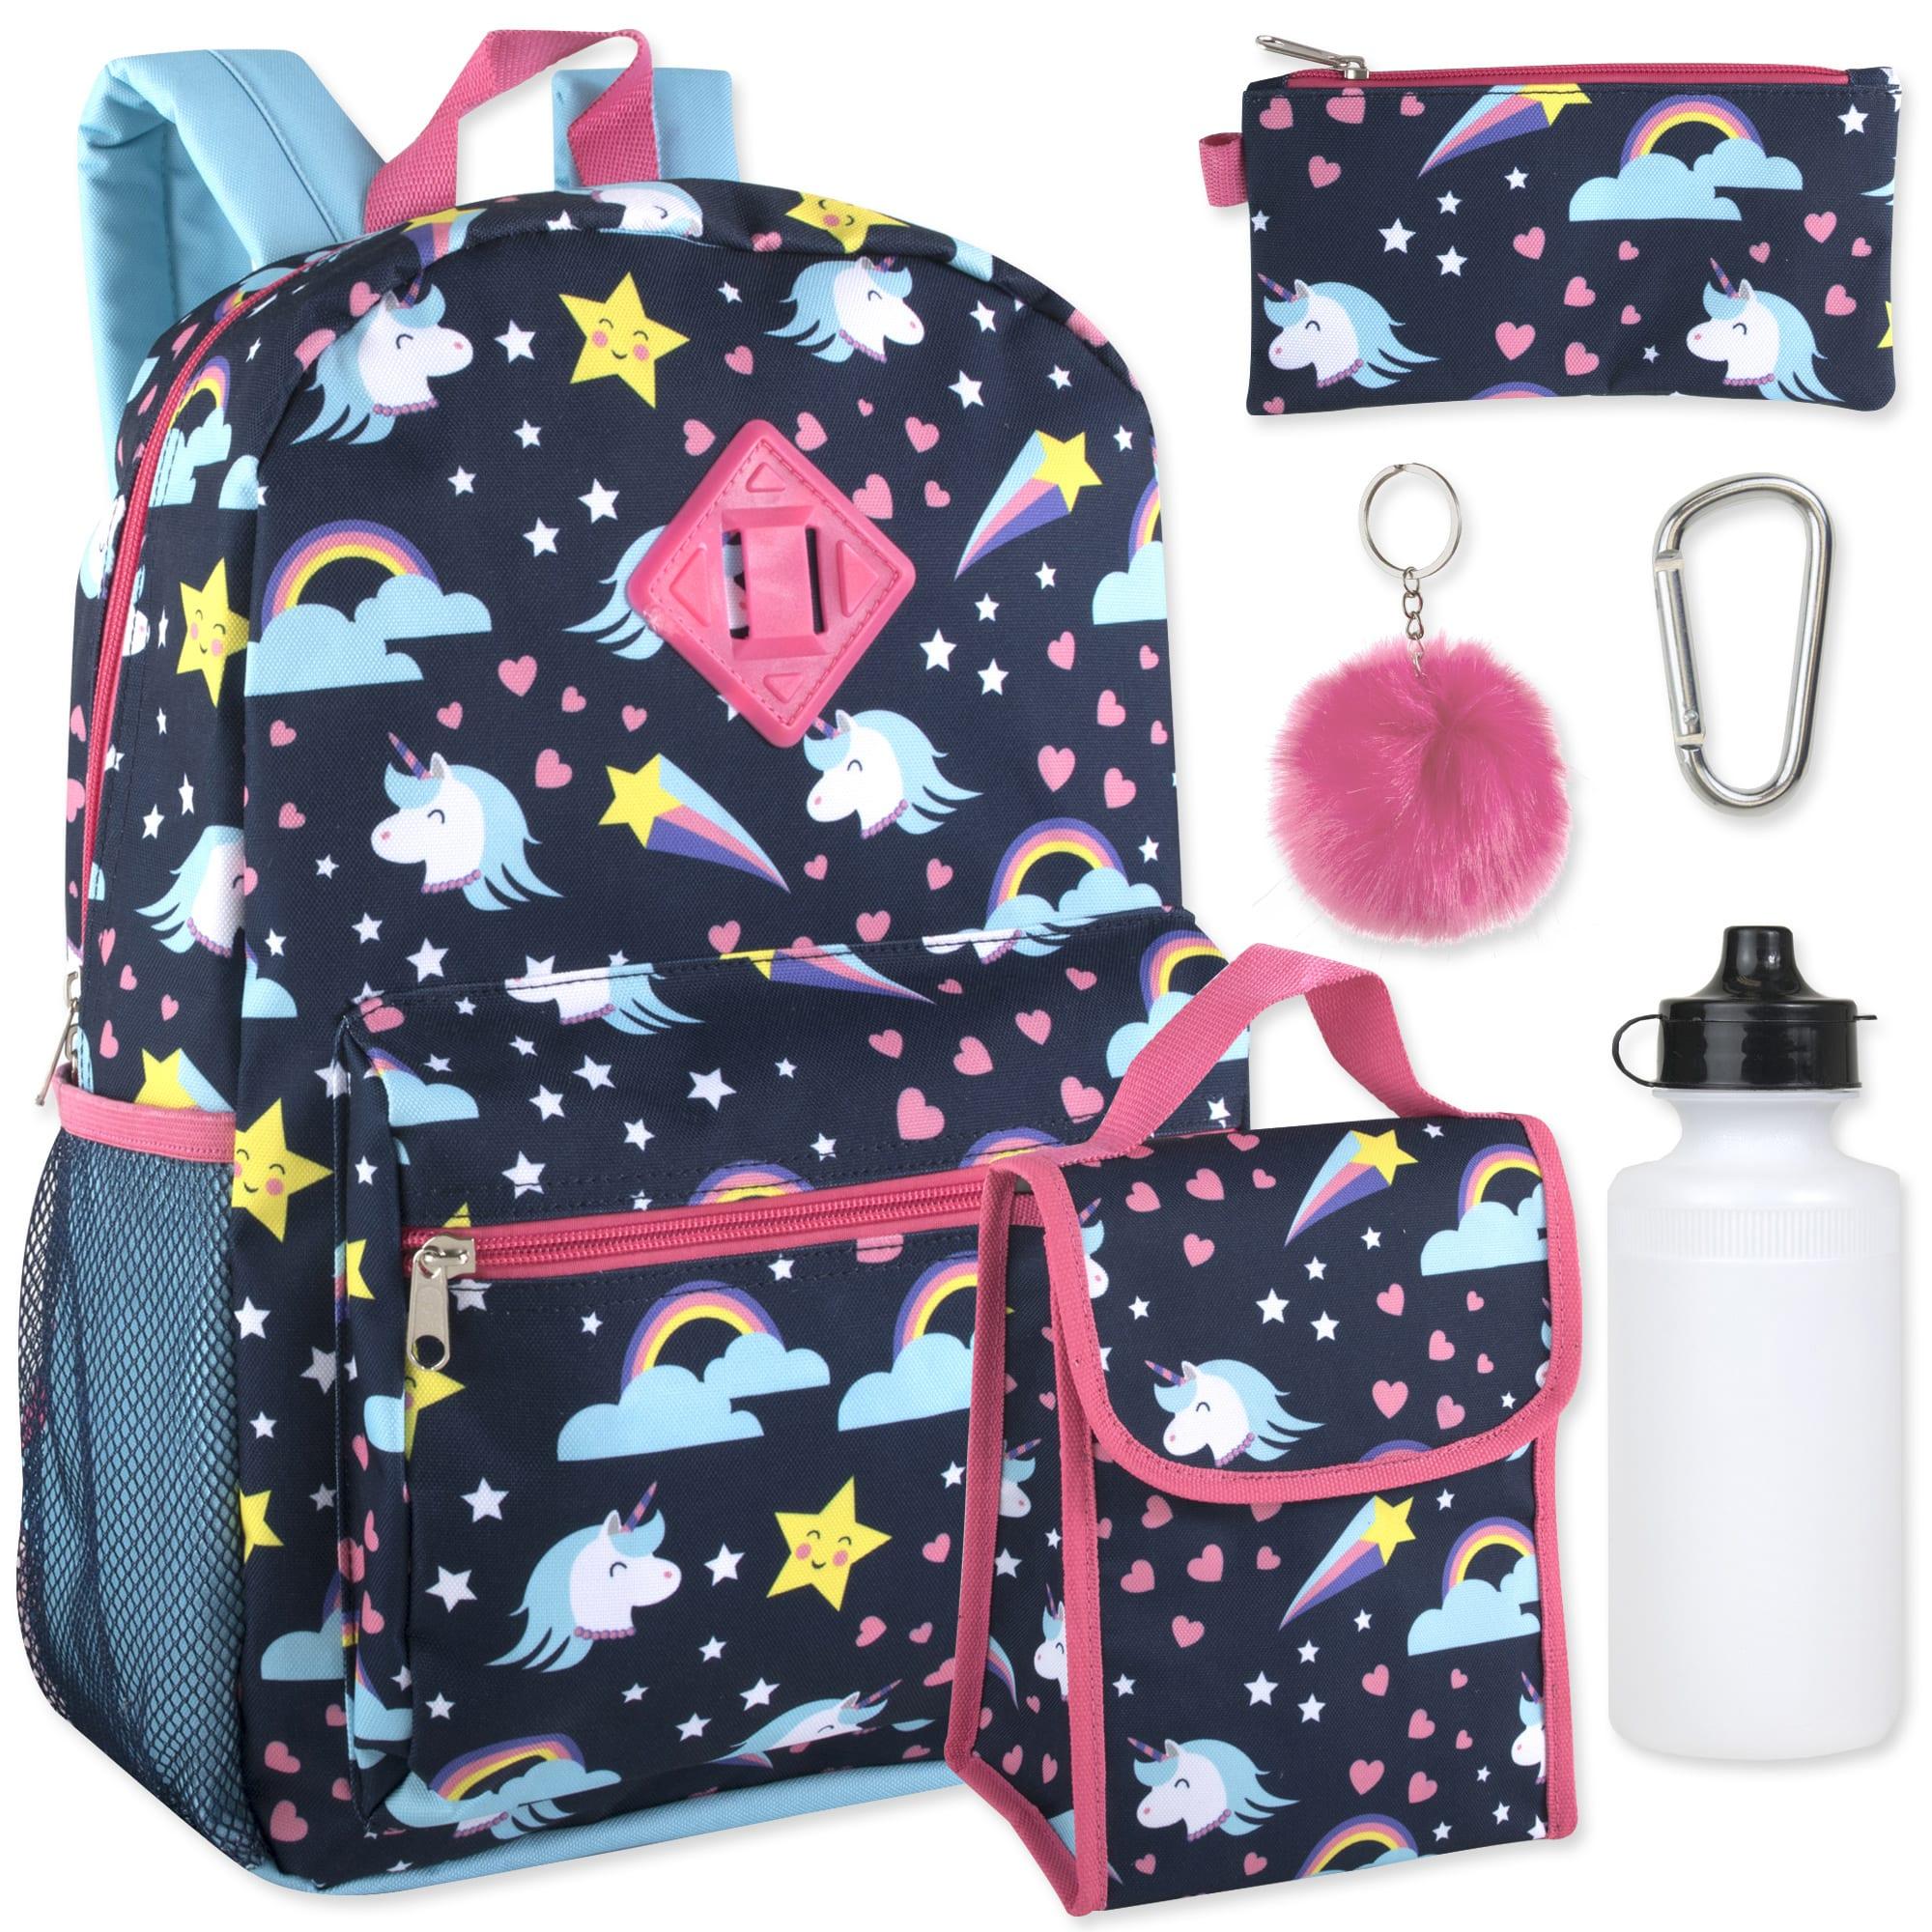 Trailmaker 6-In-1 Backpack Set, Unicorns, Blue